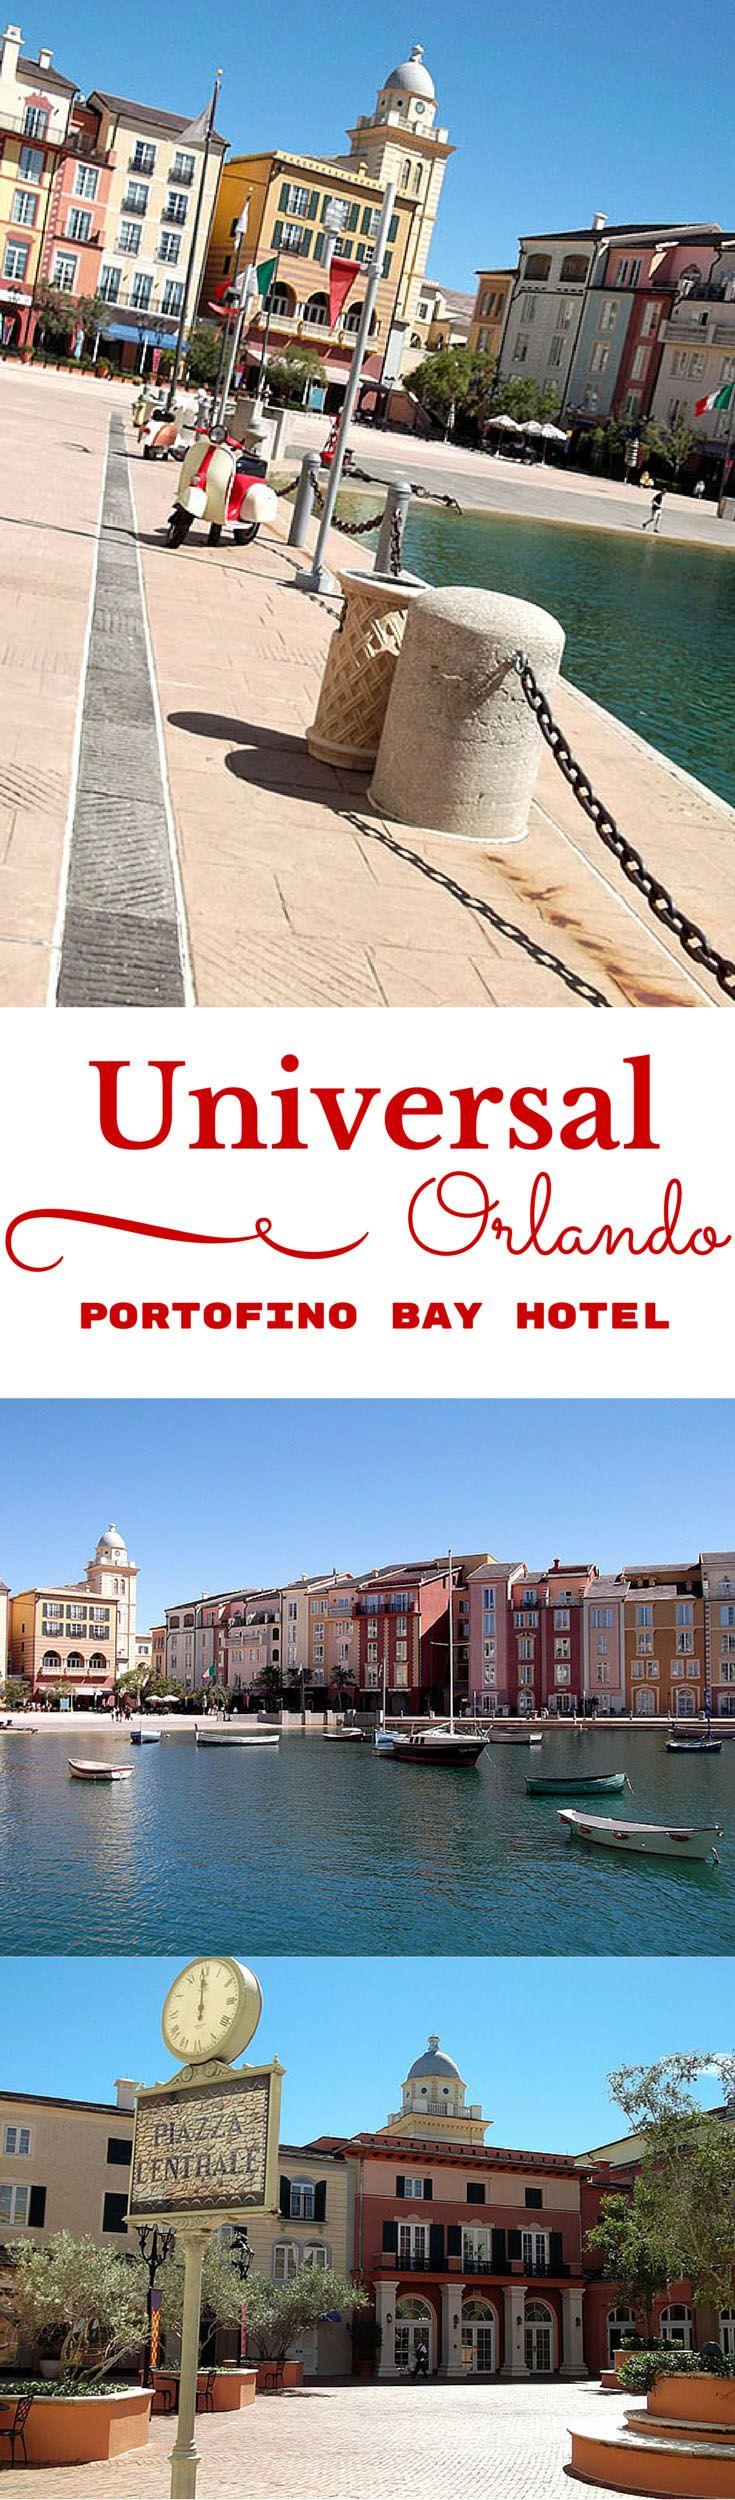 Diccionario de viajes: #UniversalExpress es subirse a todas las atracciones sin fila ,,y gratis, hospédate en hotel Portofino Bay #Orlando y disfruta de las suites infantiles de minions comunicadas a tú habitación.#HazQueSuceda #DiviérteteComoEnano